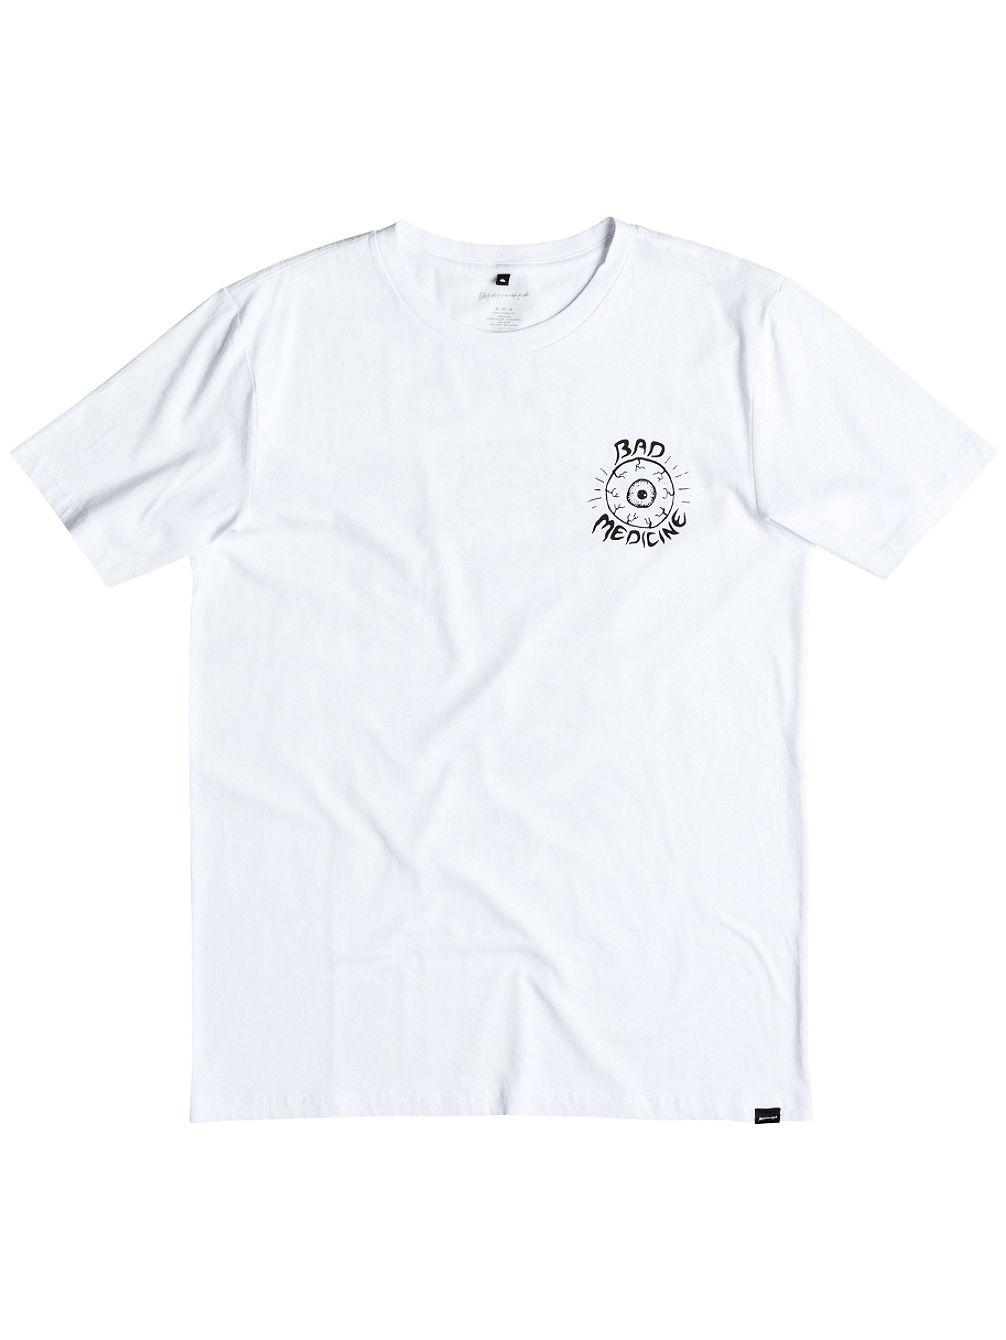 Artikel klicken und genauer betrachten! - FeaturesPM Bad Medicine - T-Shirt für MännerKurze ÄrmelBaumwoll-JerseyMittelschwerer StoffSuper weich dank spezieller WaschungCrew Neck100% Baumwolle   im Online Shop kaufen